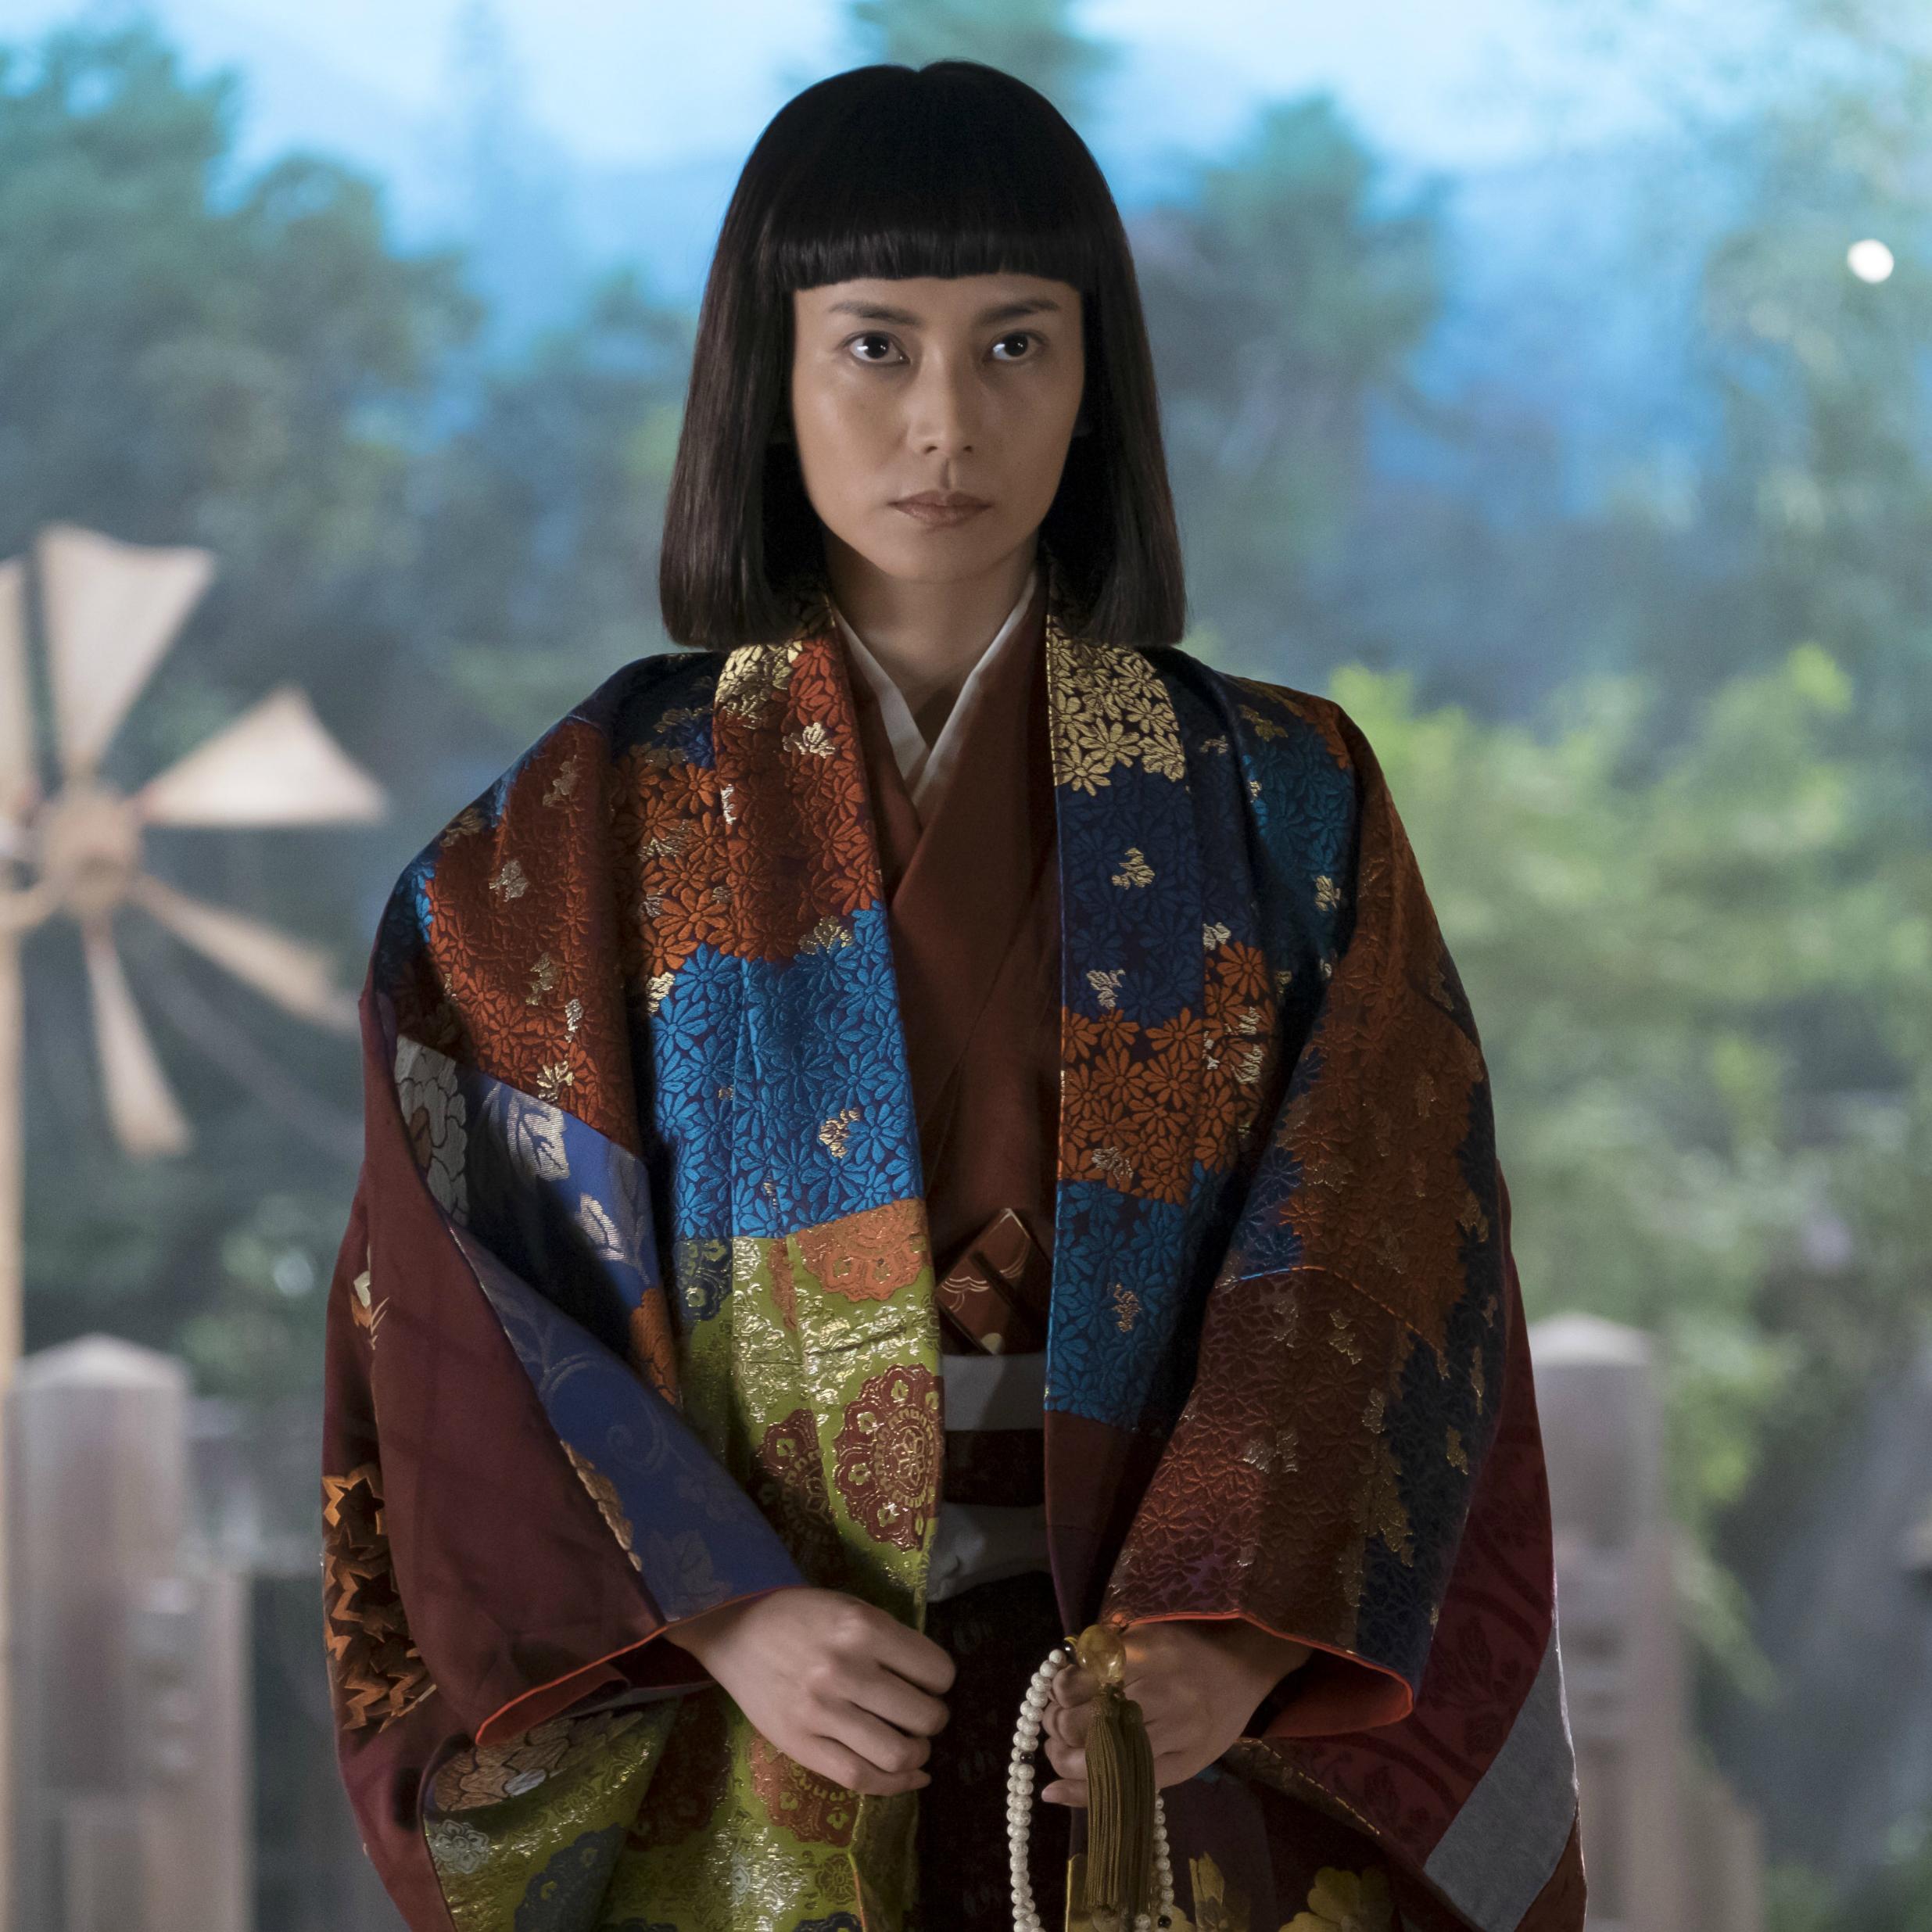 井伊直虎役・柴咲コウ「直虎さんと同じ様に、まずはみんなのテンションを高めて楽しく先導できれば」